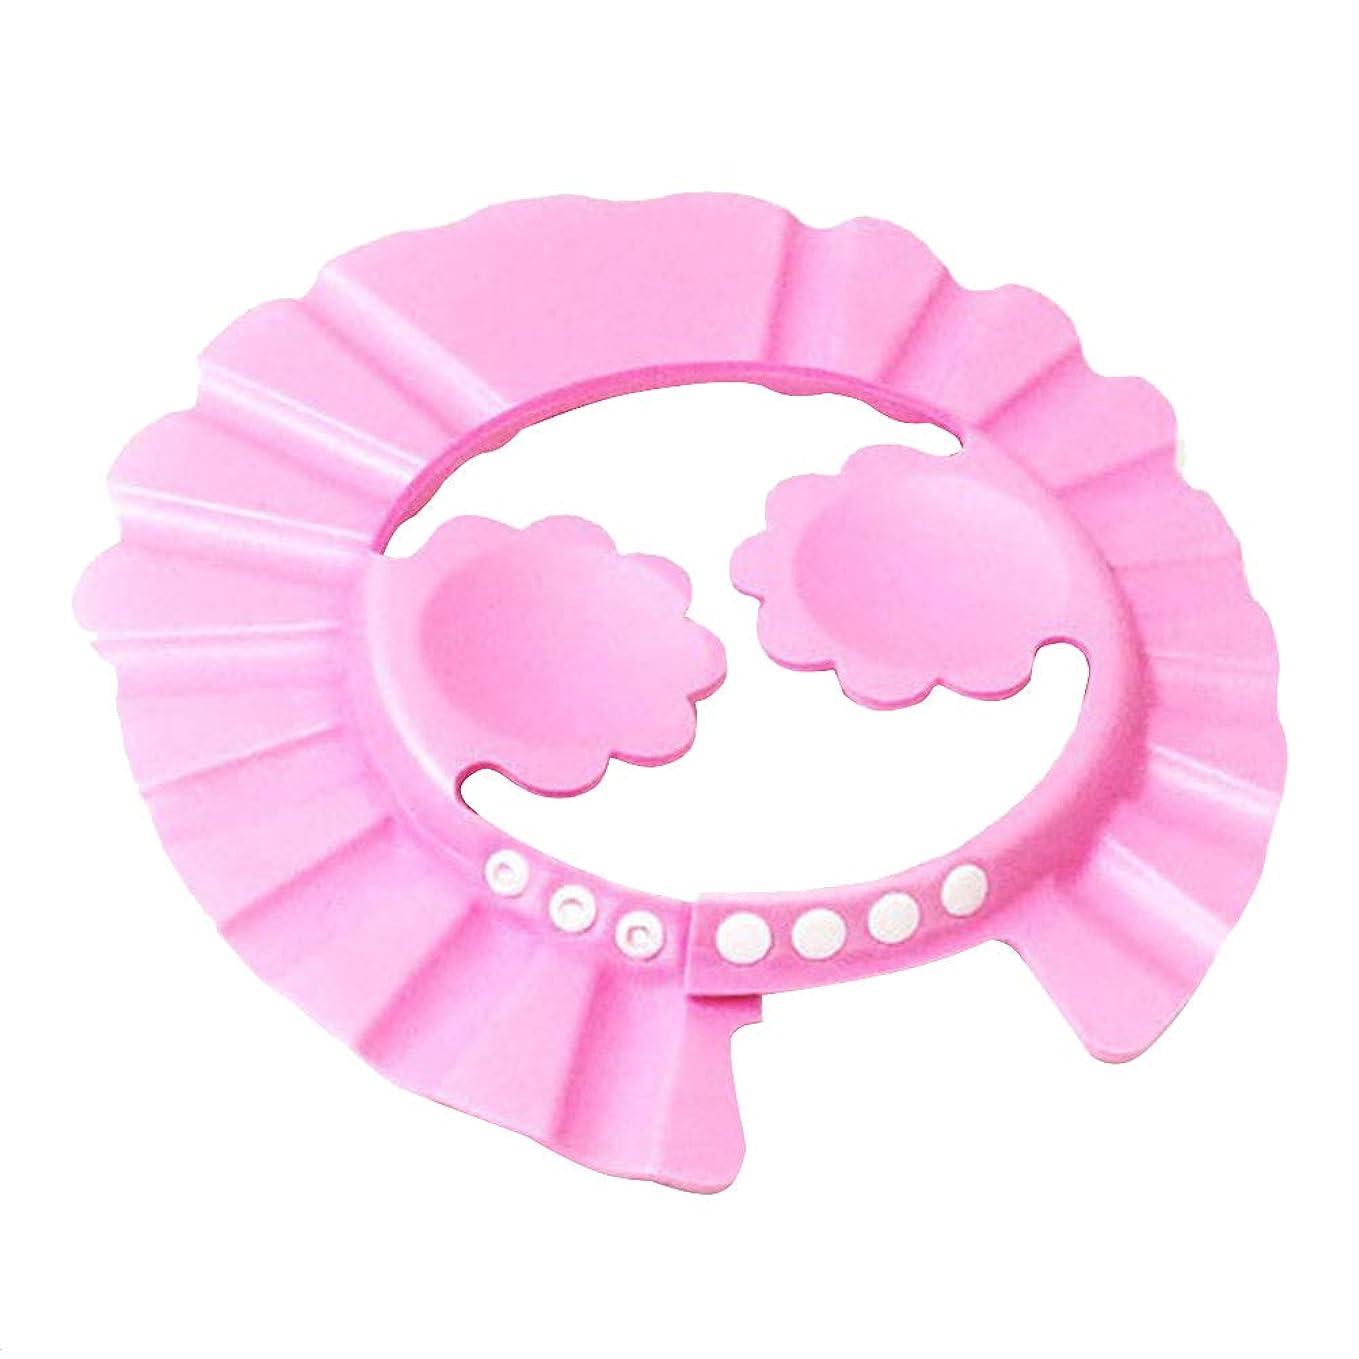 プレミア本土意志OUNONA シャワーキャップ 子供 お風呂キャップ ベビー バスキャップ 調節でき かわいい 眼と耳保護